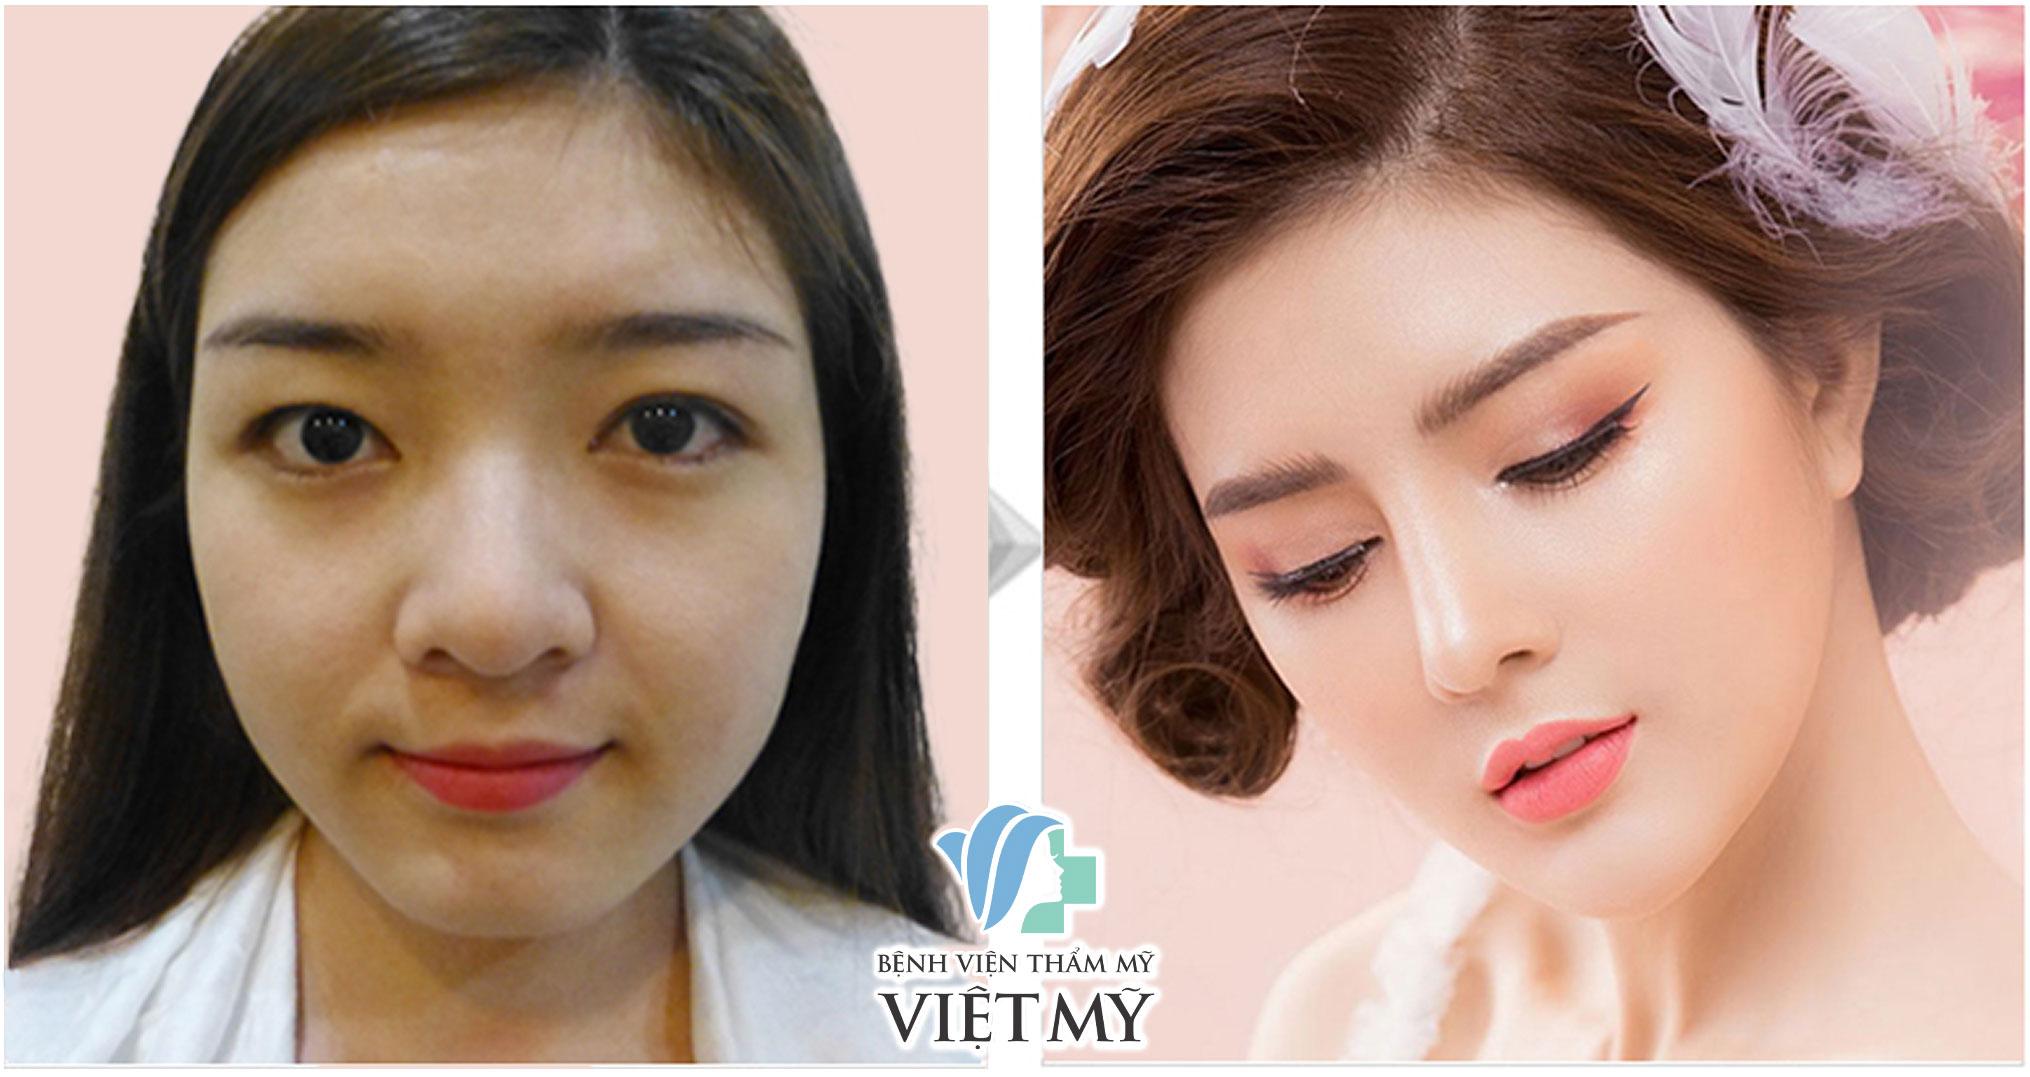 lily luta trước và sau phẩu thuật thẩm mỹ